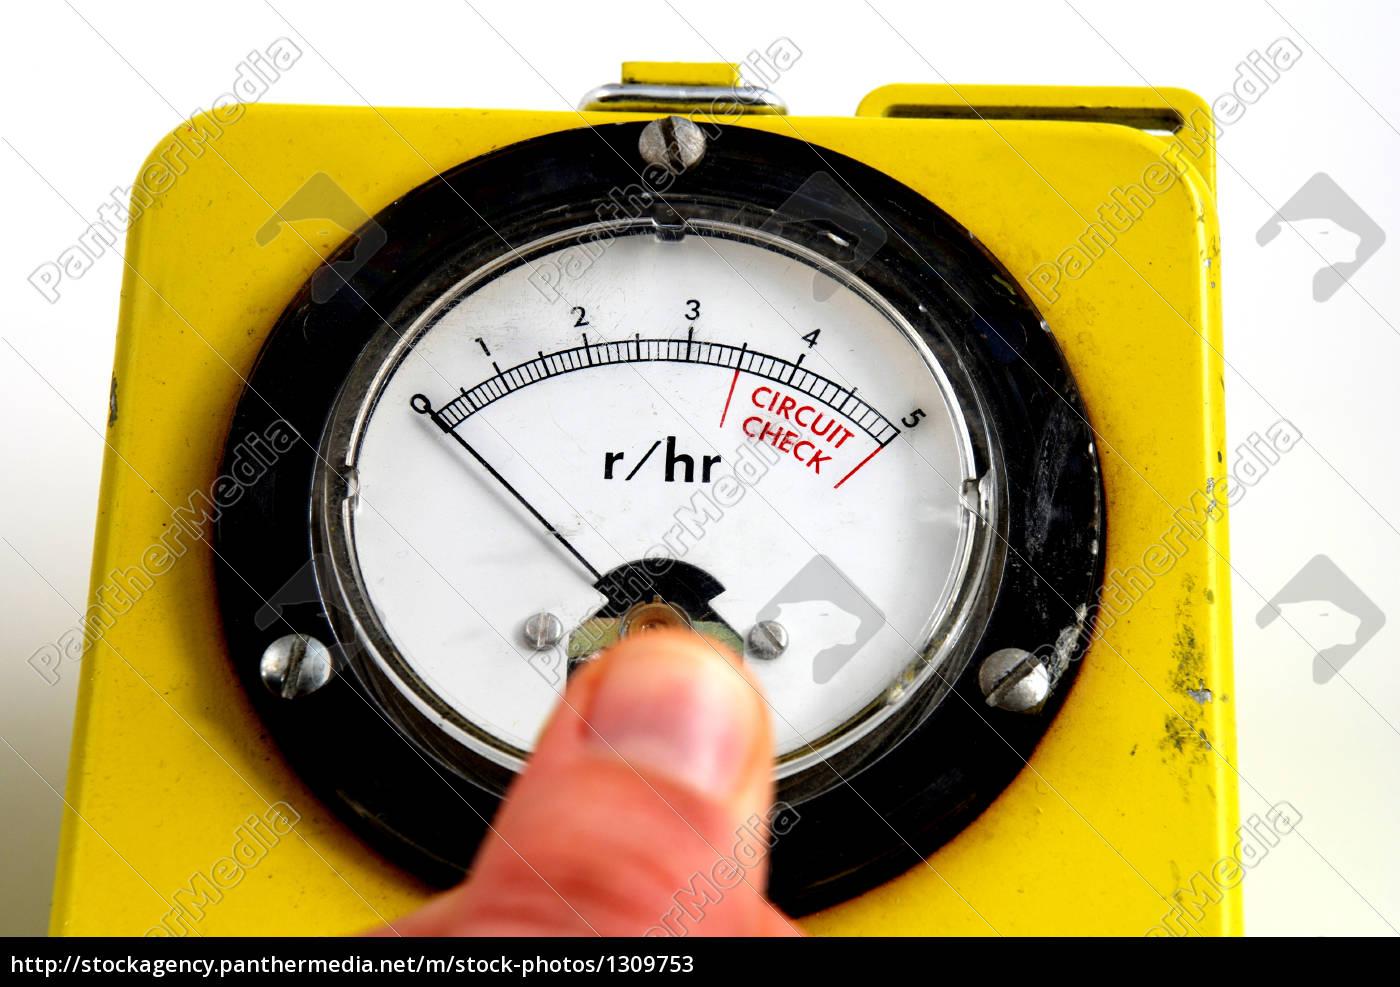 radioactivity - 1309753